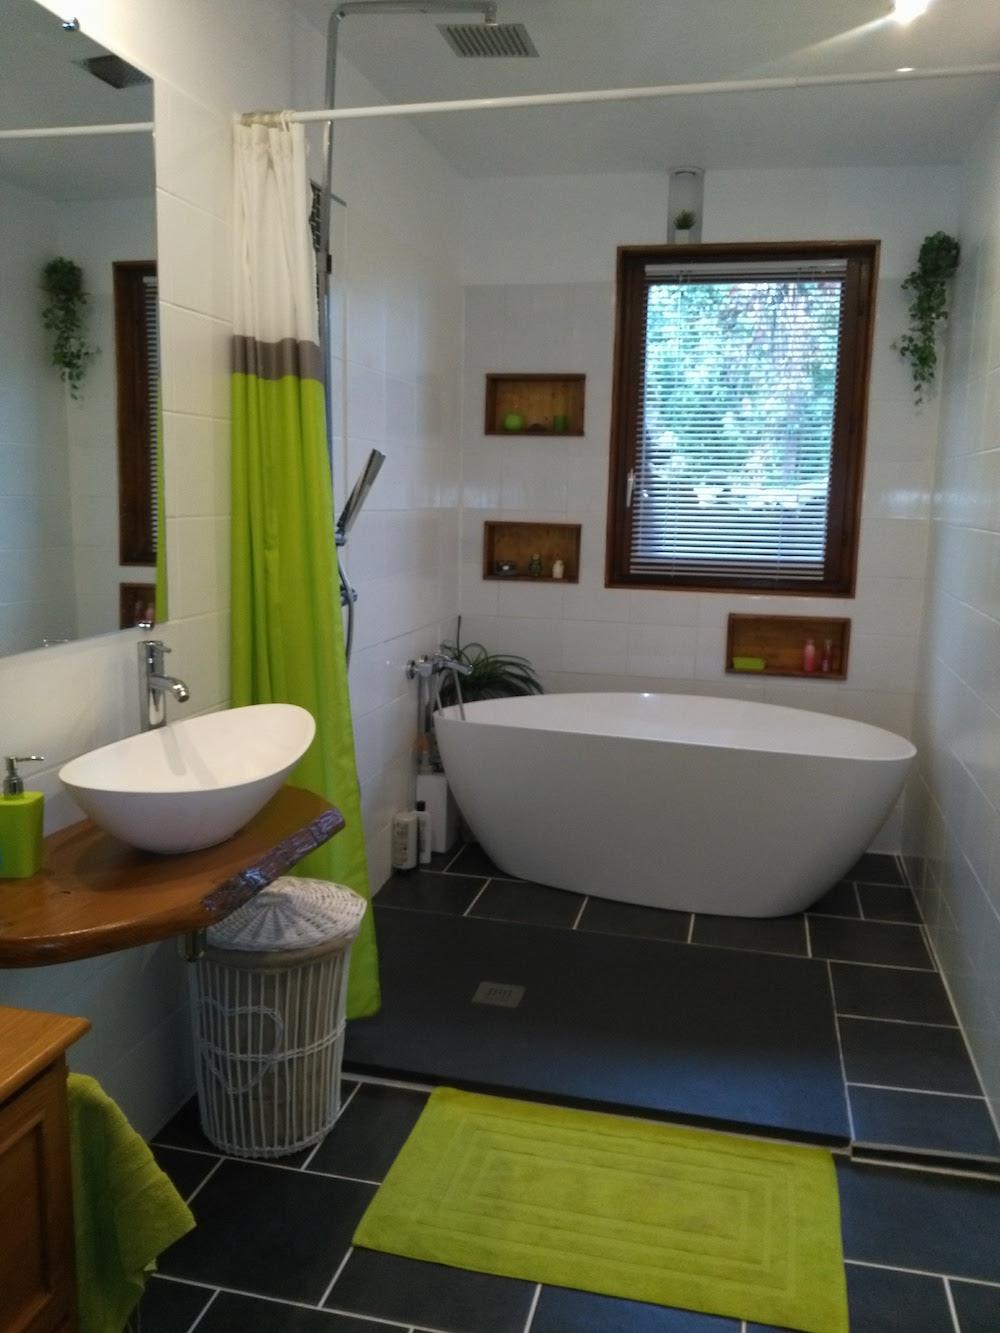 chalet montagne salle de bain design original